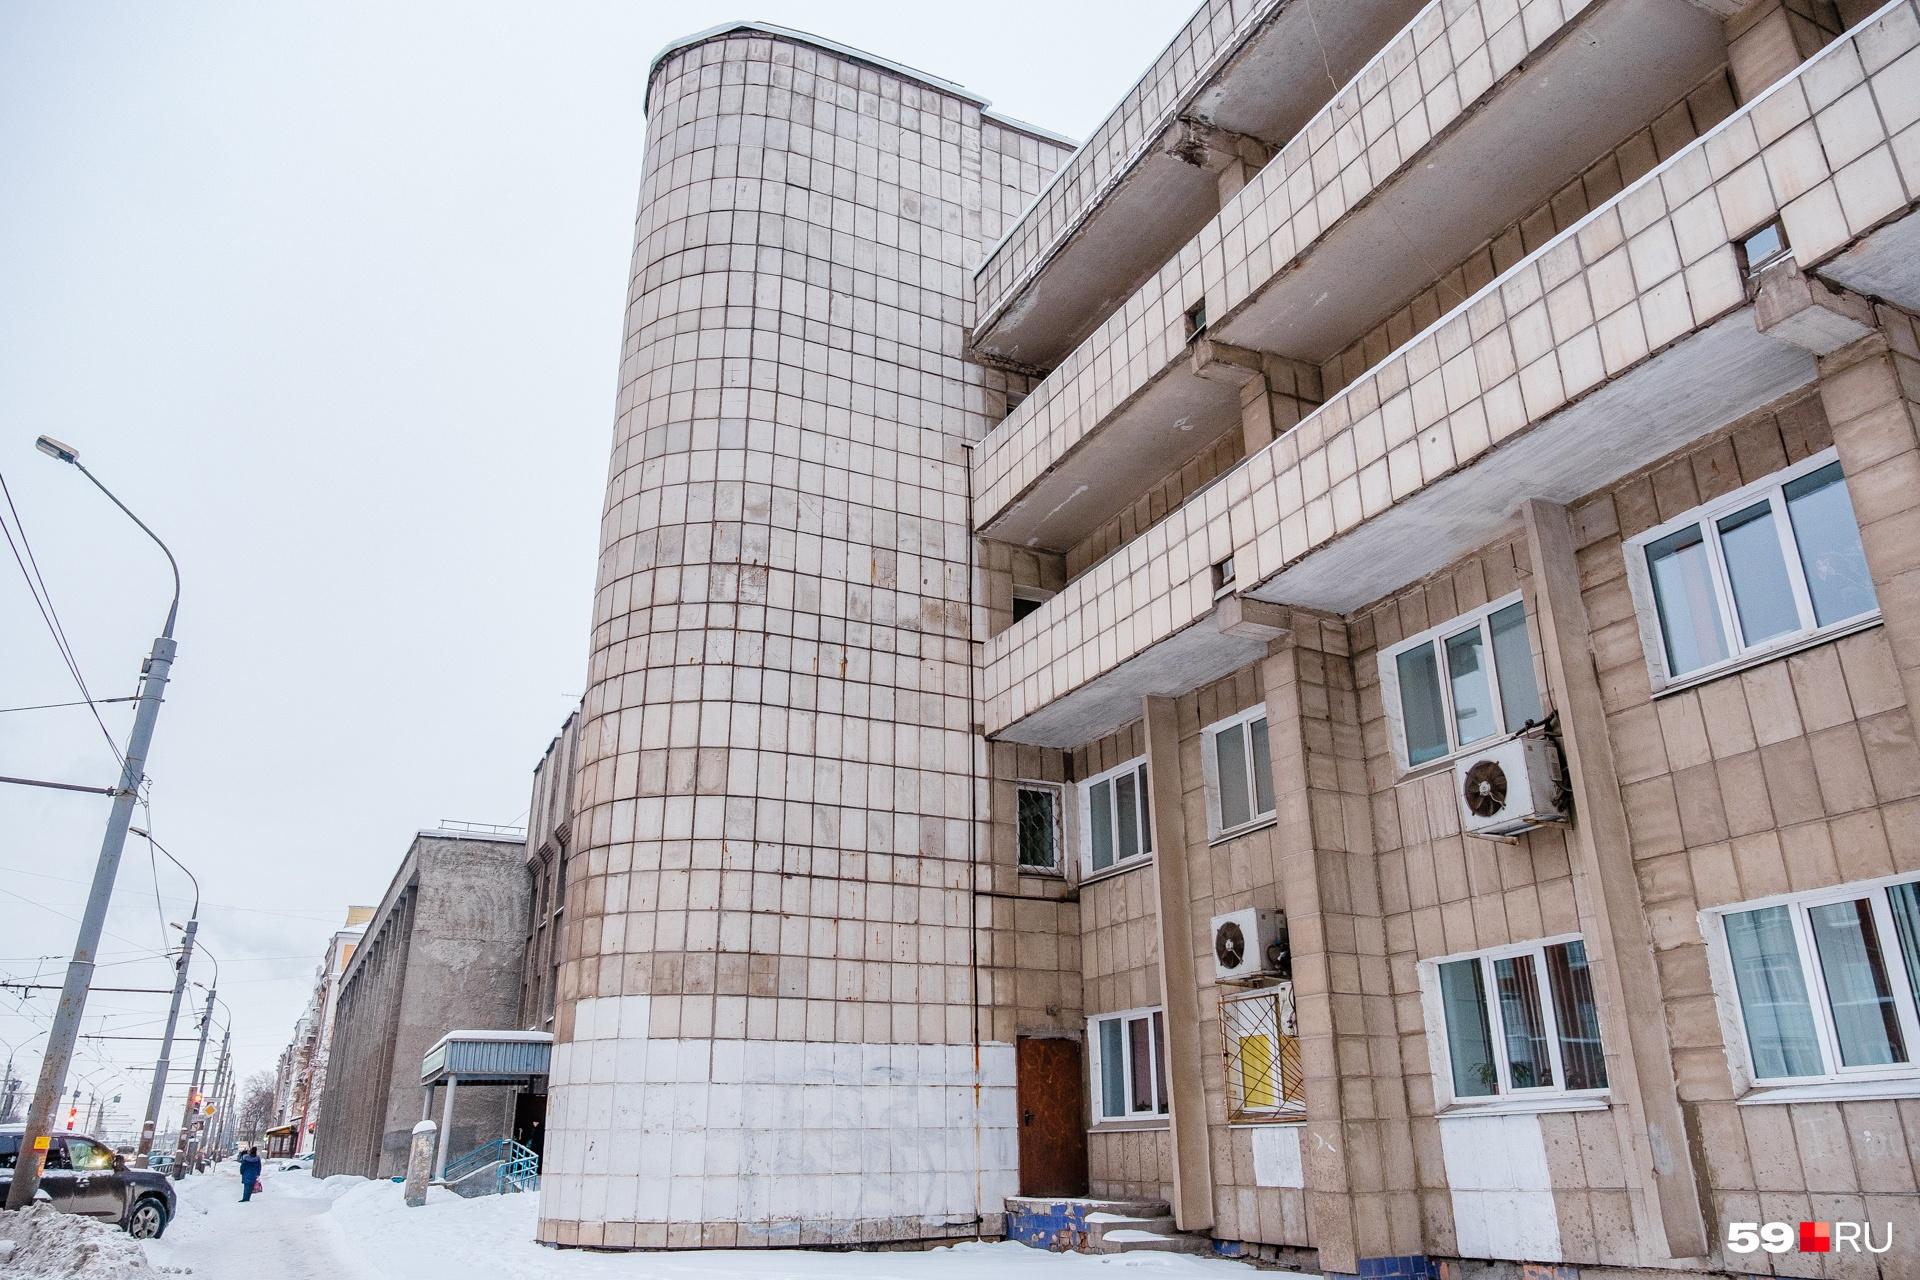 Эта больничная постройка позднего времени также имитирует геометризм советской архитектуры